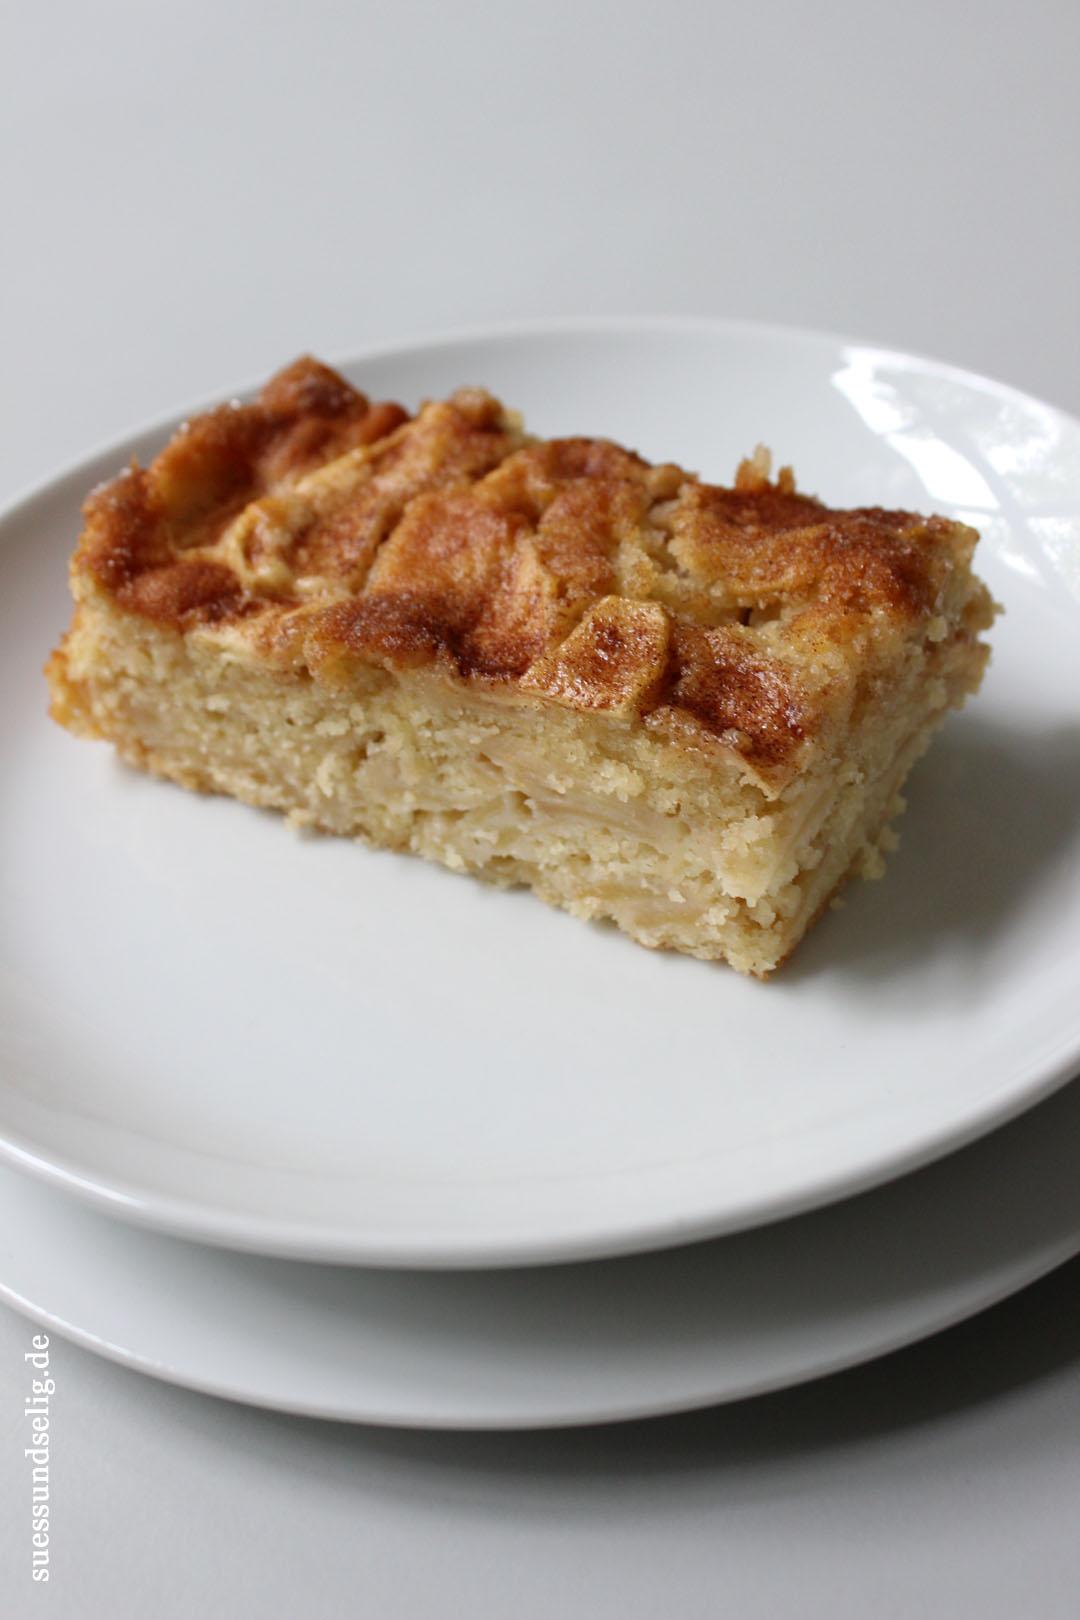 schwedischer apfelkuchen nach omas rezept saftiger geht 39 s nicht suessundselig. Black Bedroom Furniture Sets. Home Design Ideas